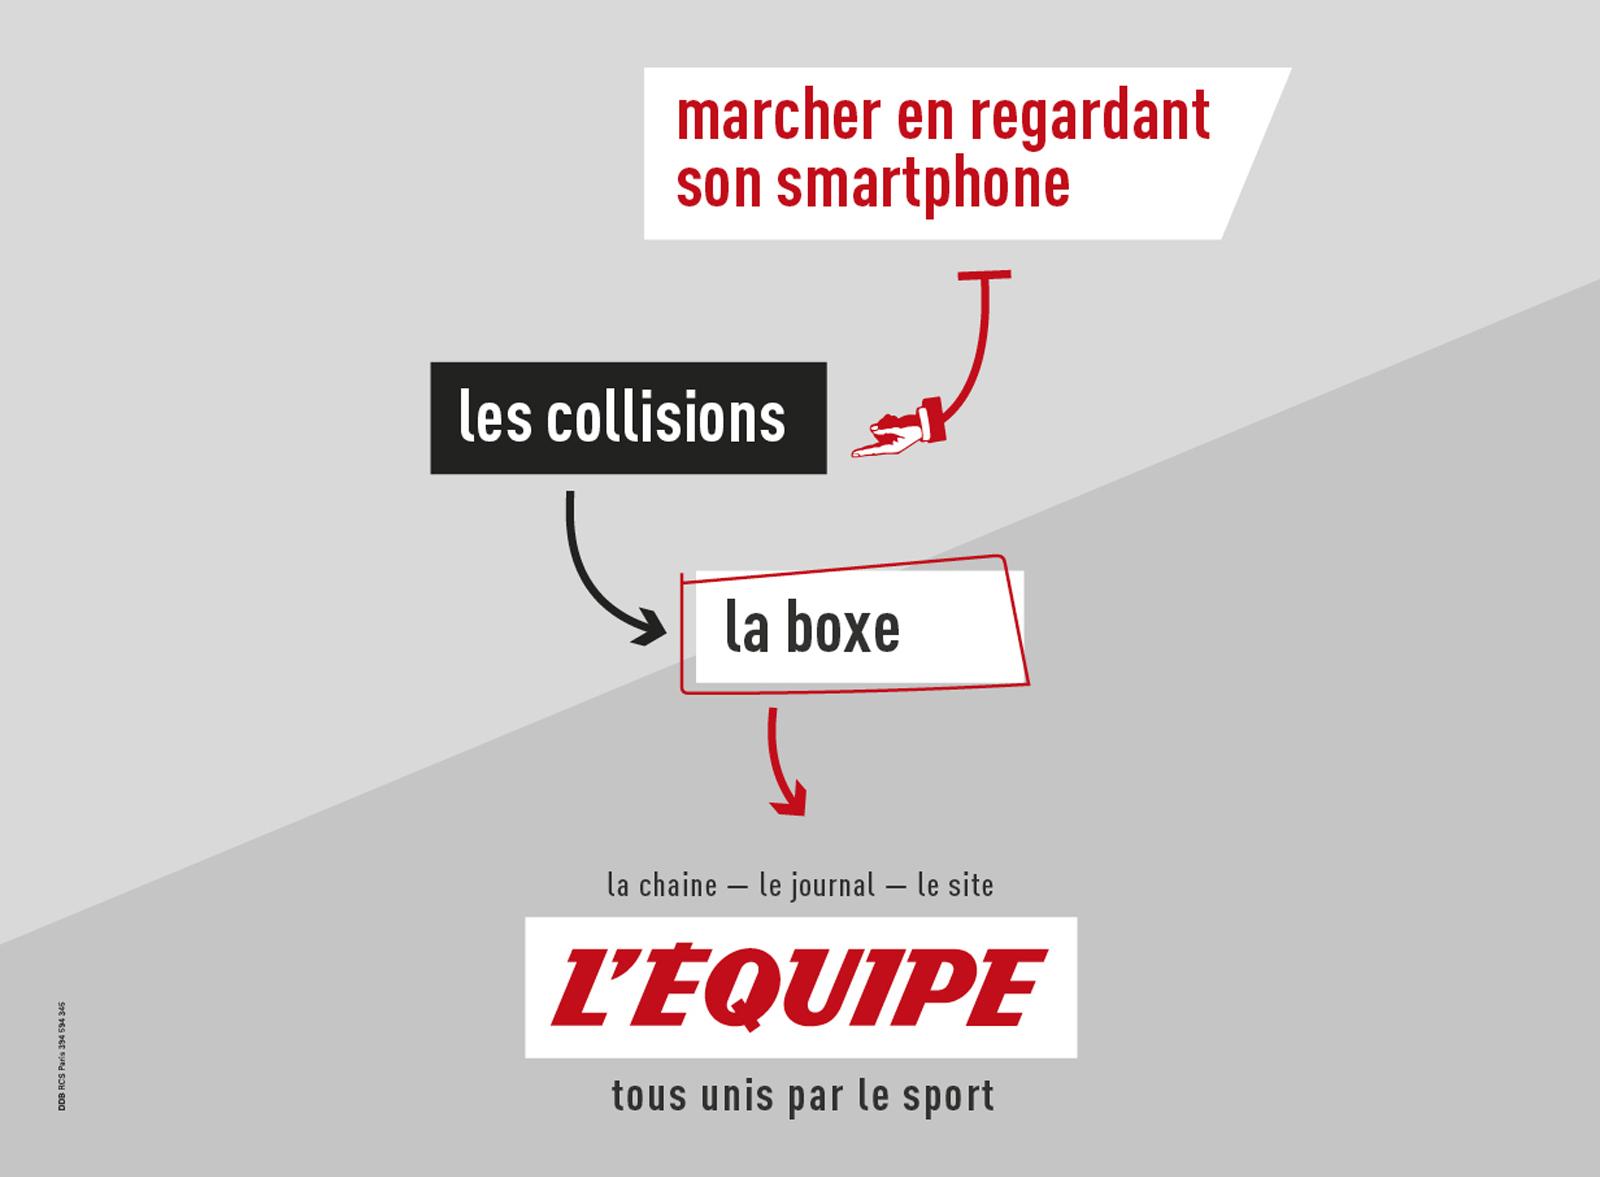 lequipe-journal-publicite-marketing-affichage-tous-unis-par-le-sport-ddb-paris-8